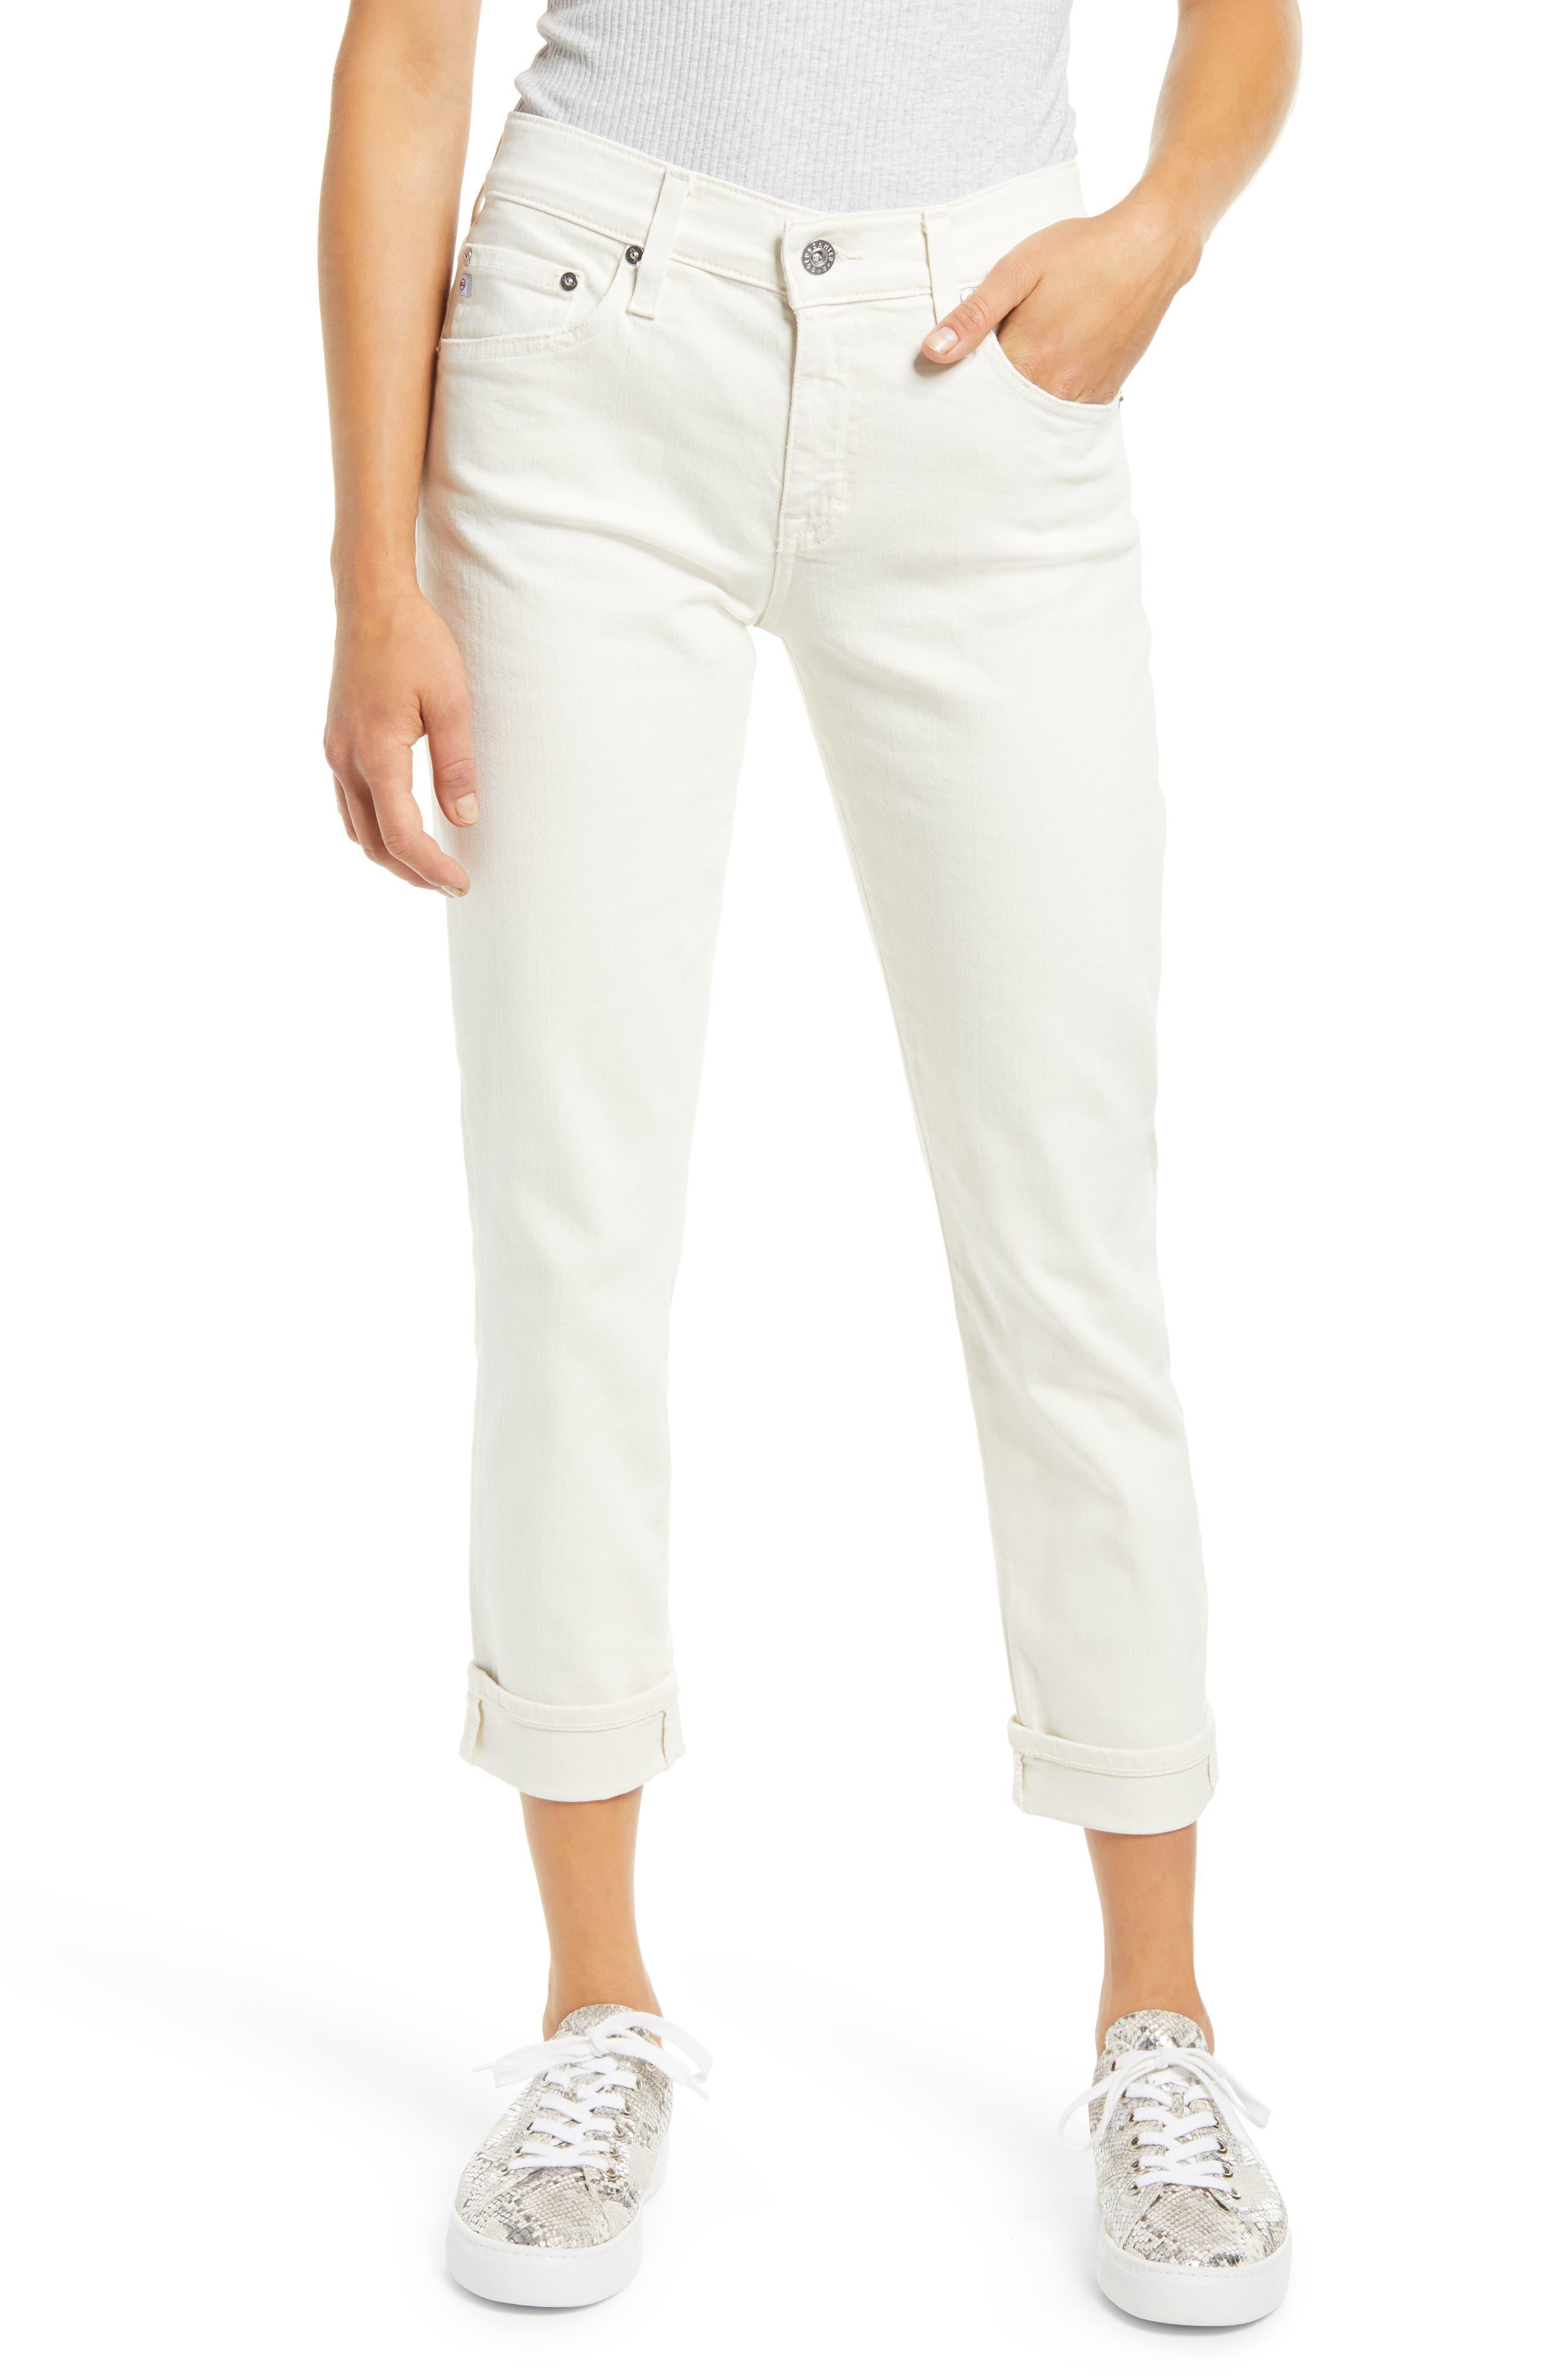 The Ex-Boyfriend Crop Slim Jeans